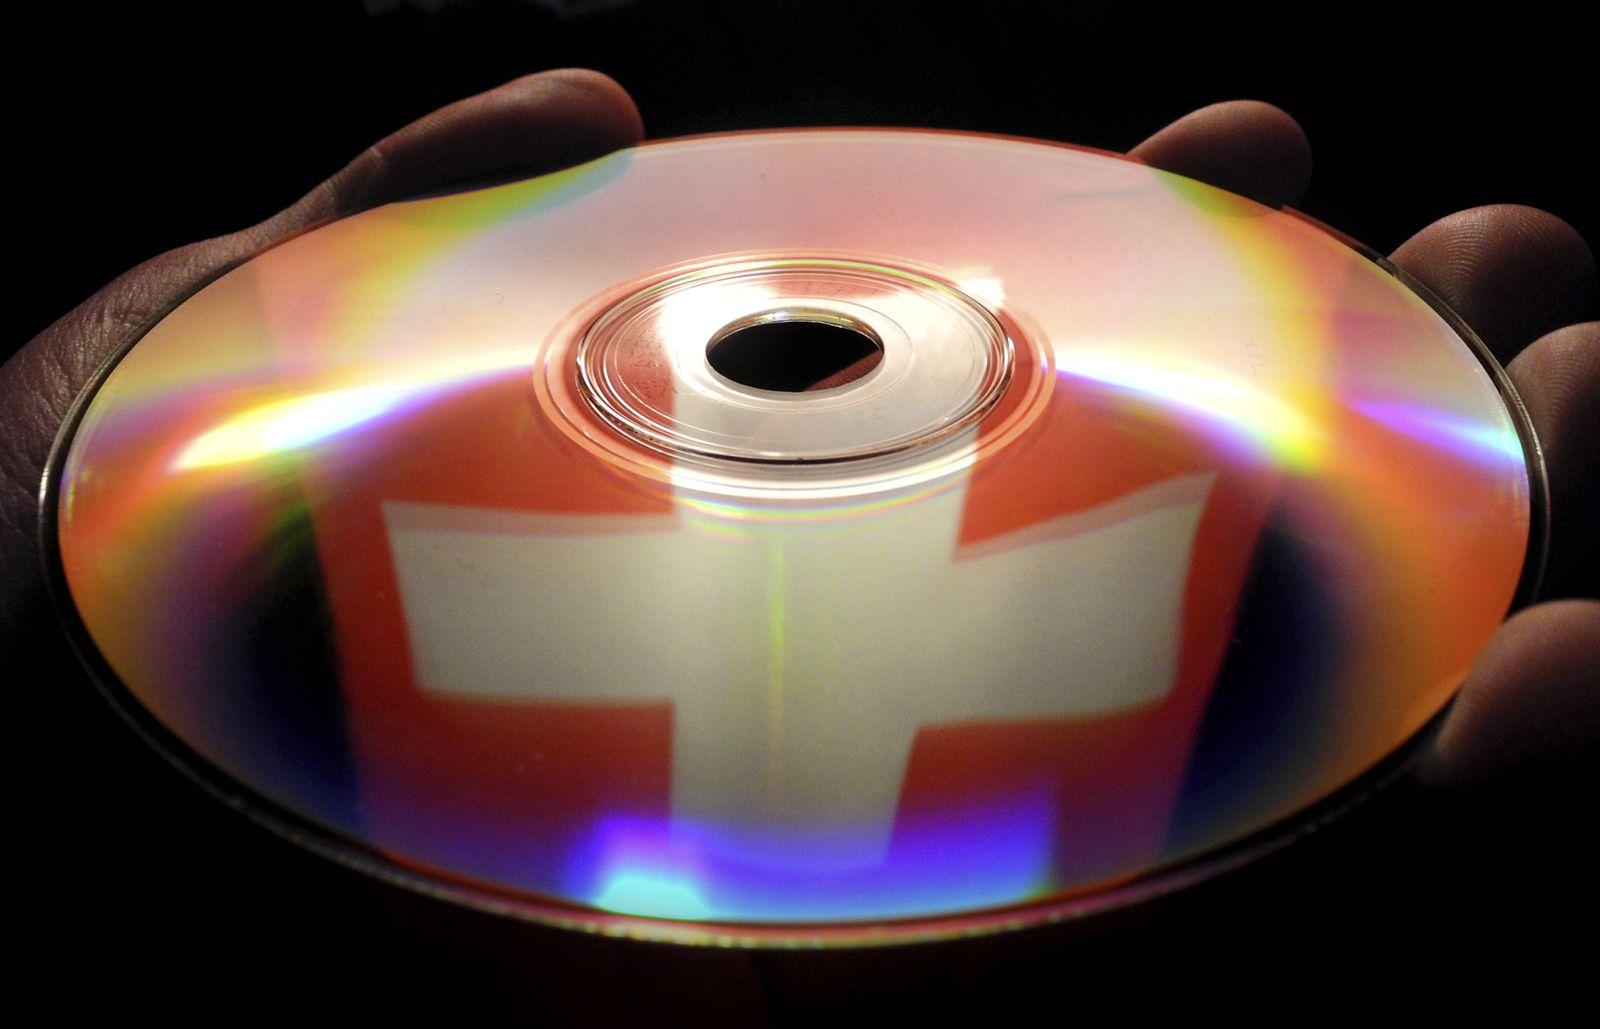 NICHT VERWENDEN Schweiz / Daten-CD